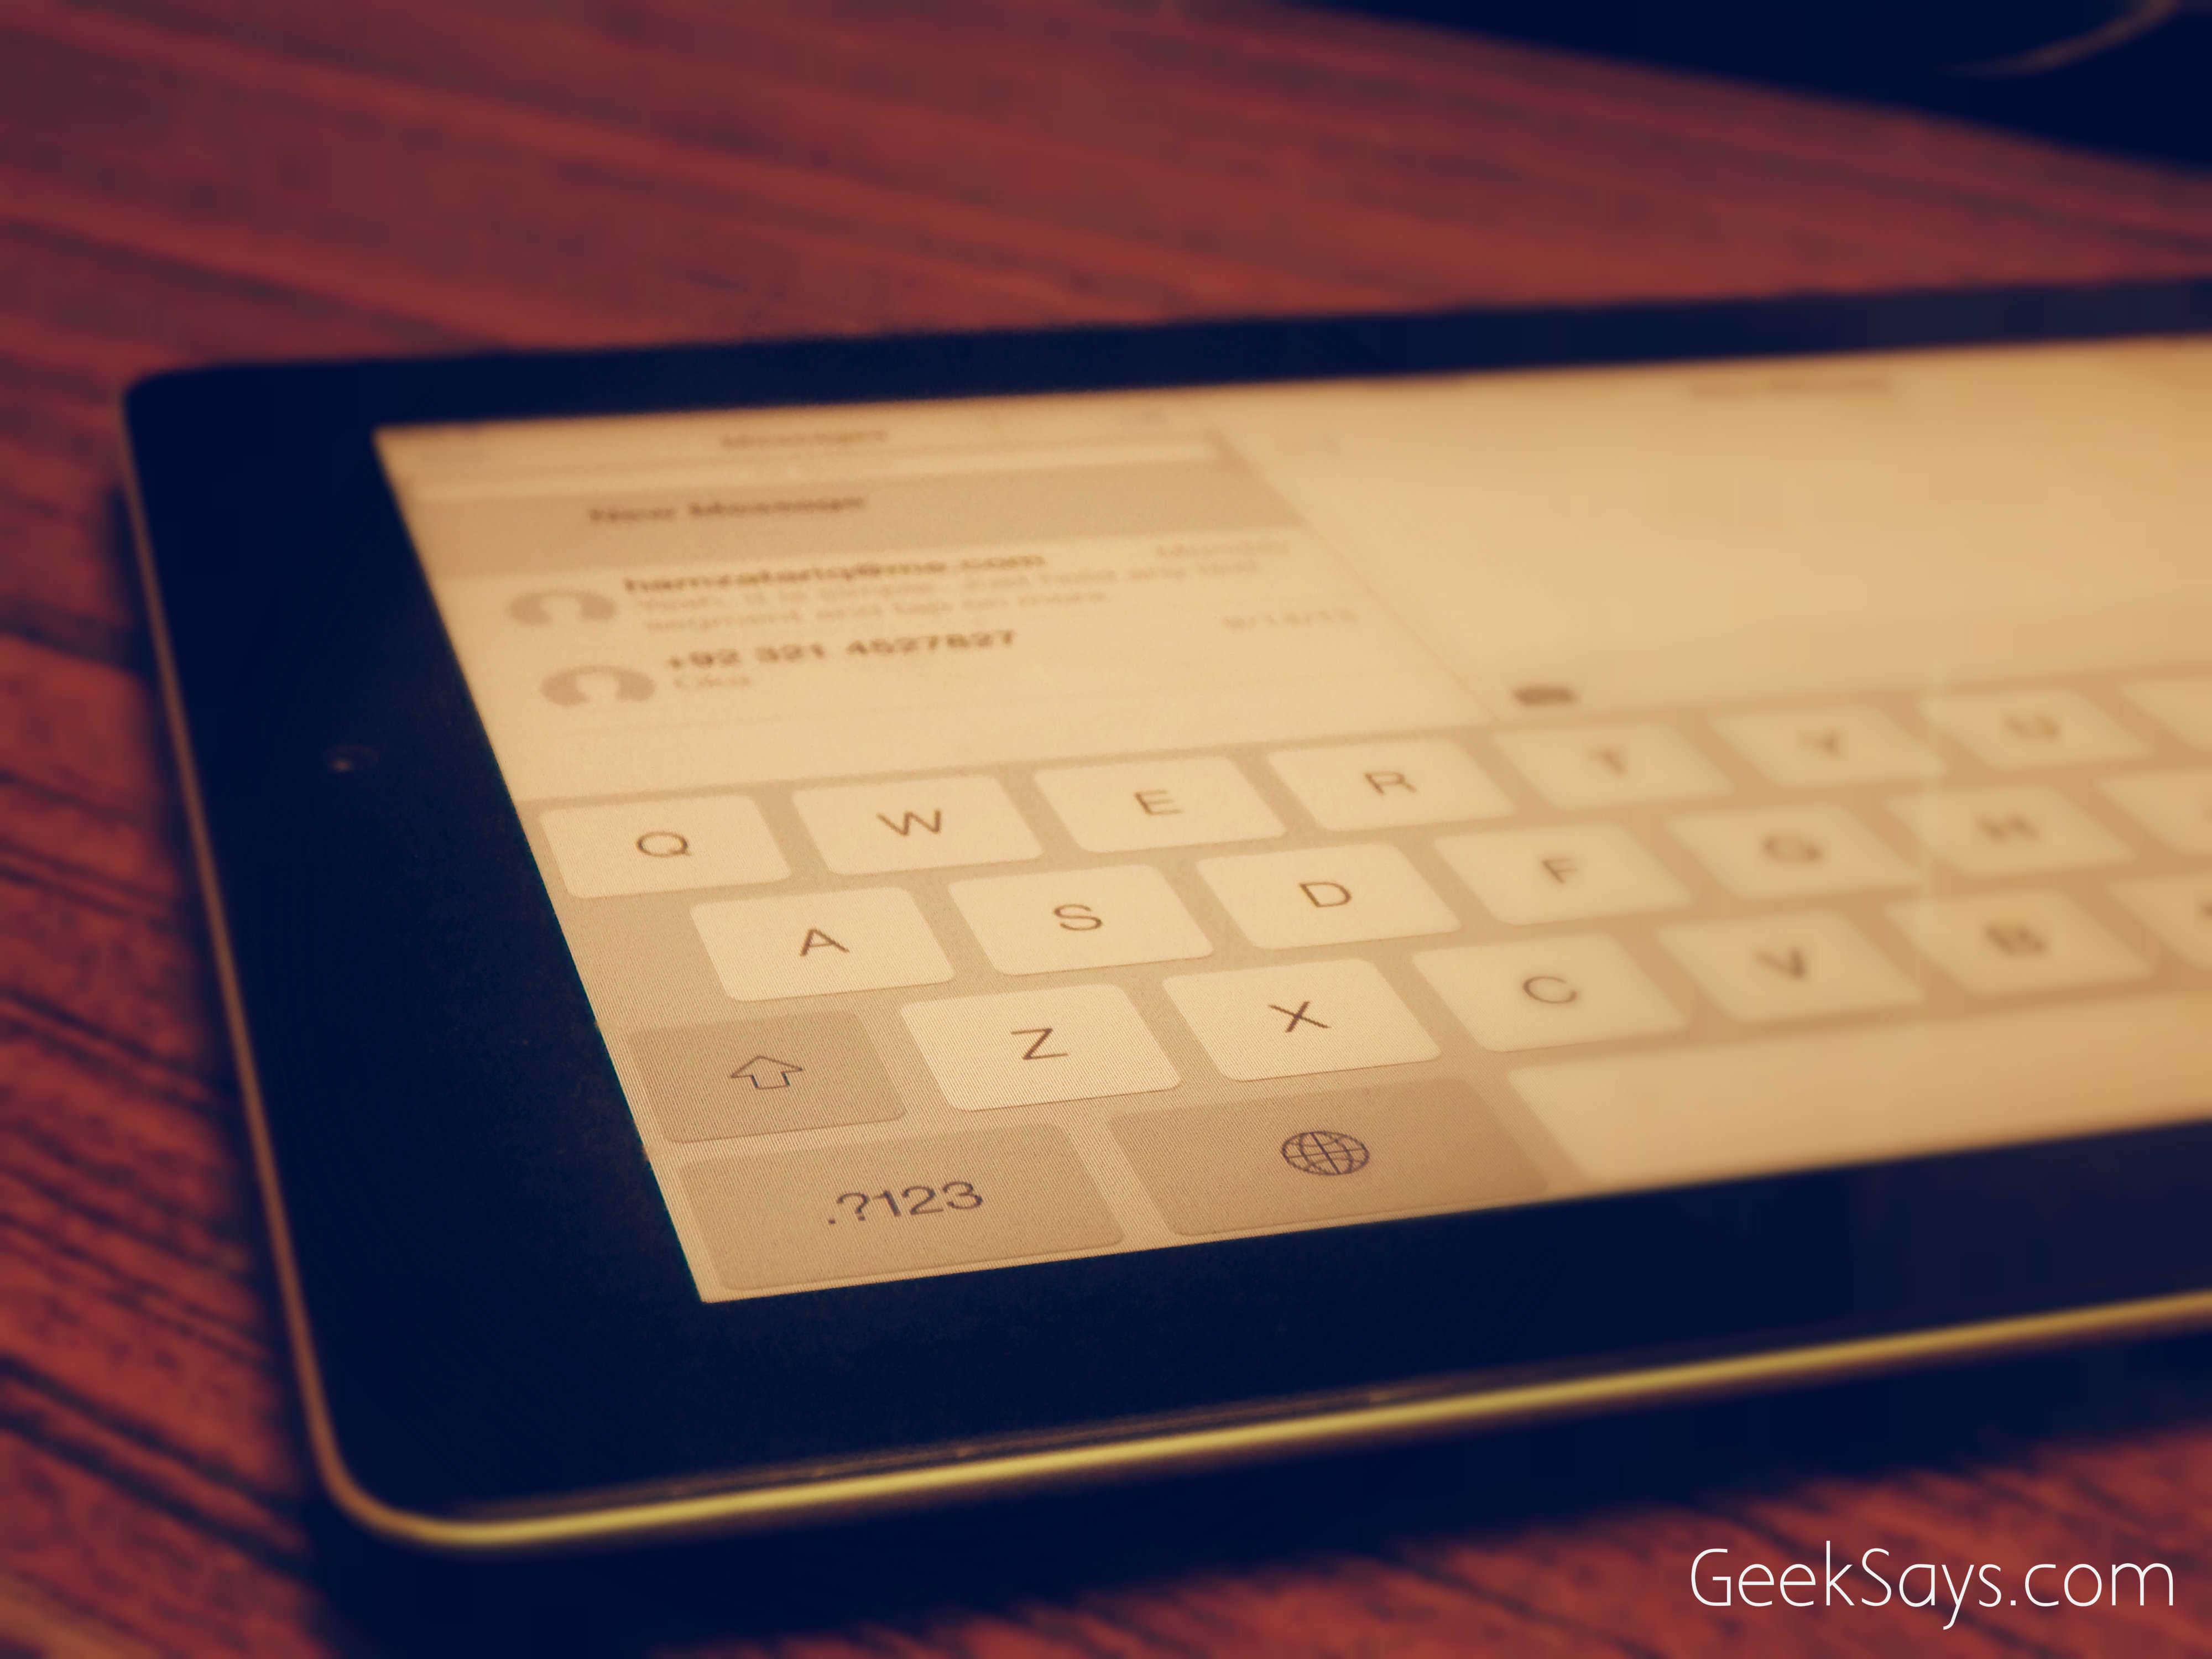 fix iOS 7 keyboard lag on iPad